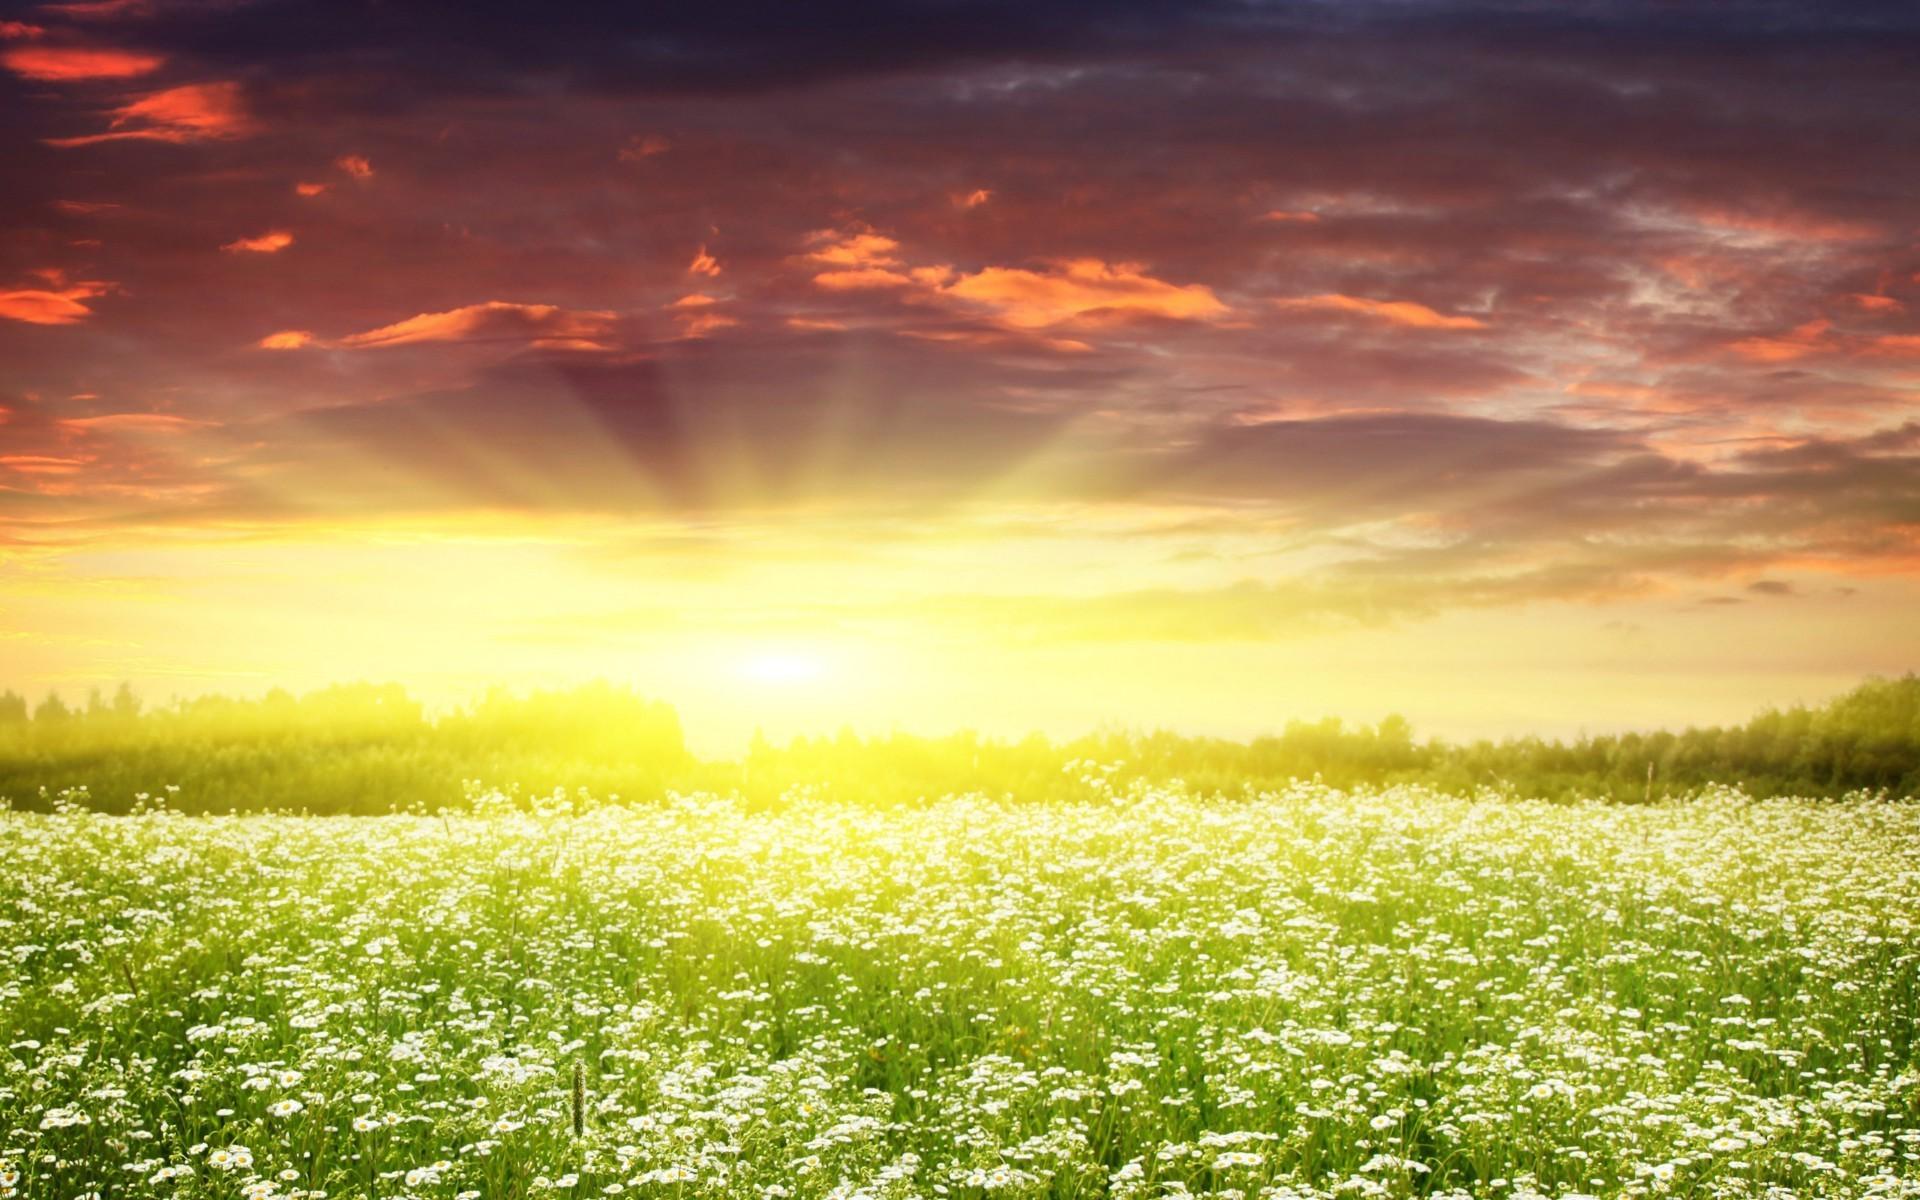 закат, лето, природа, солнце бесплатно